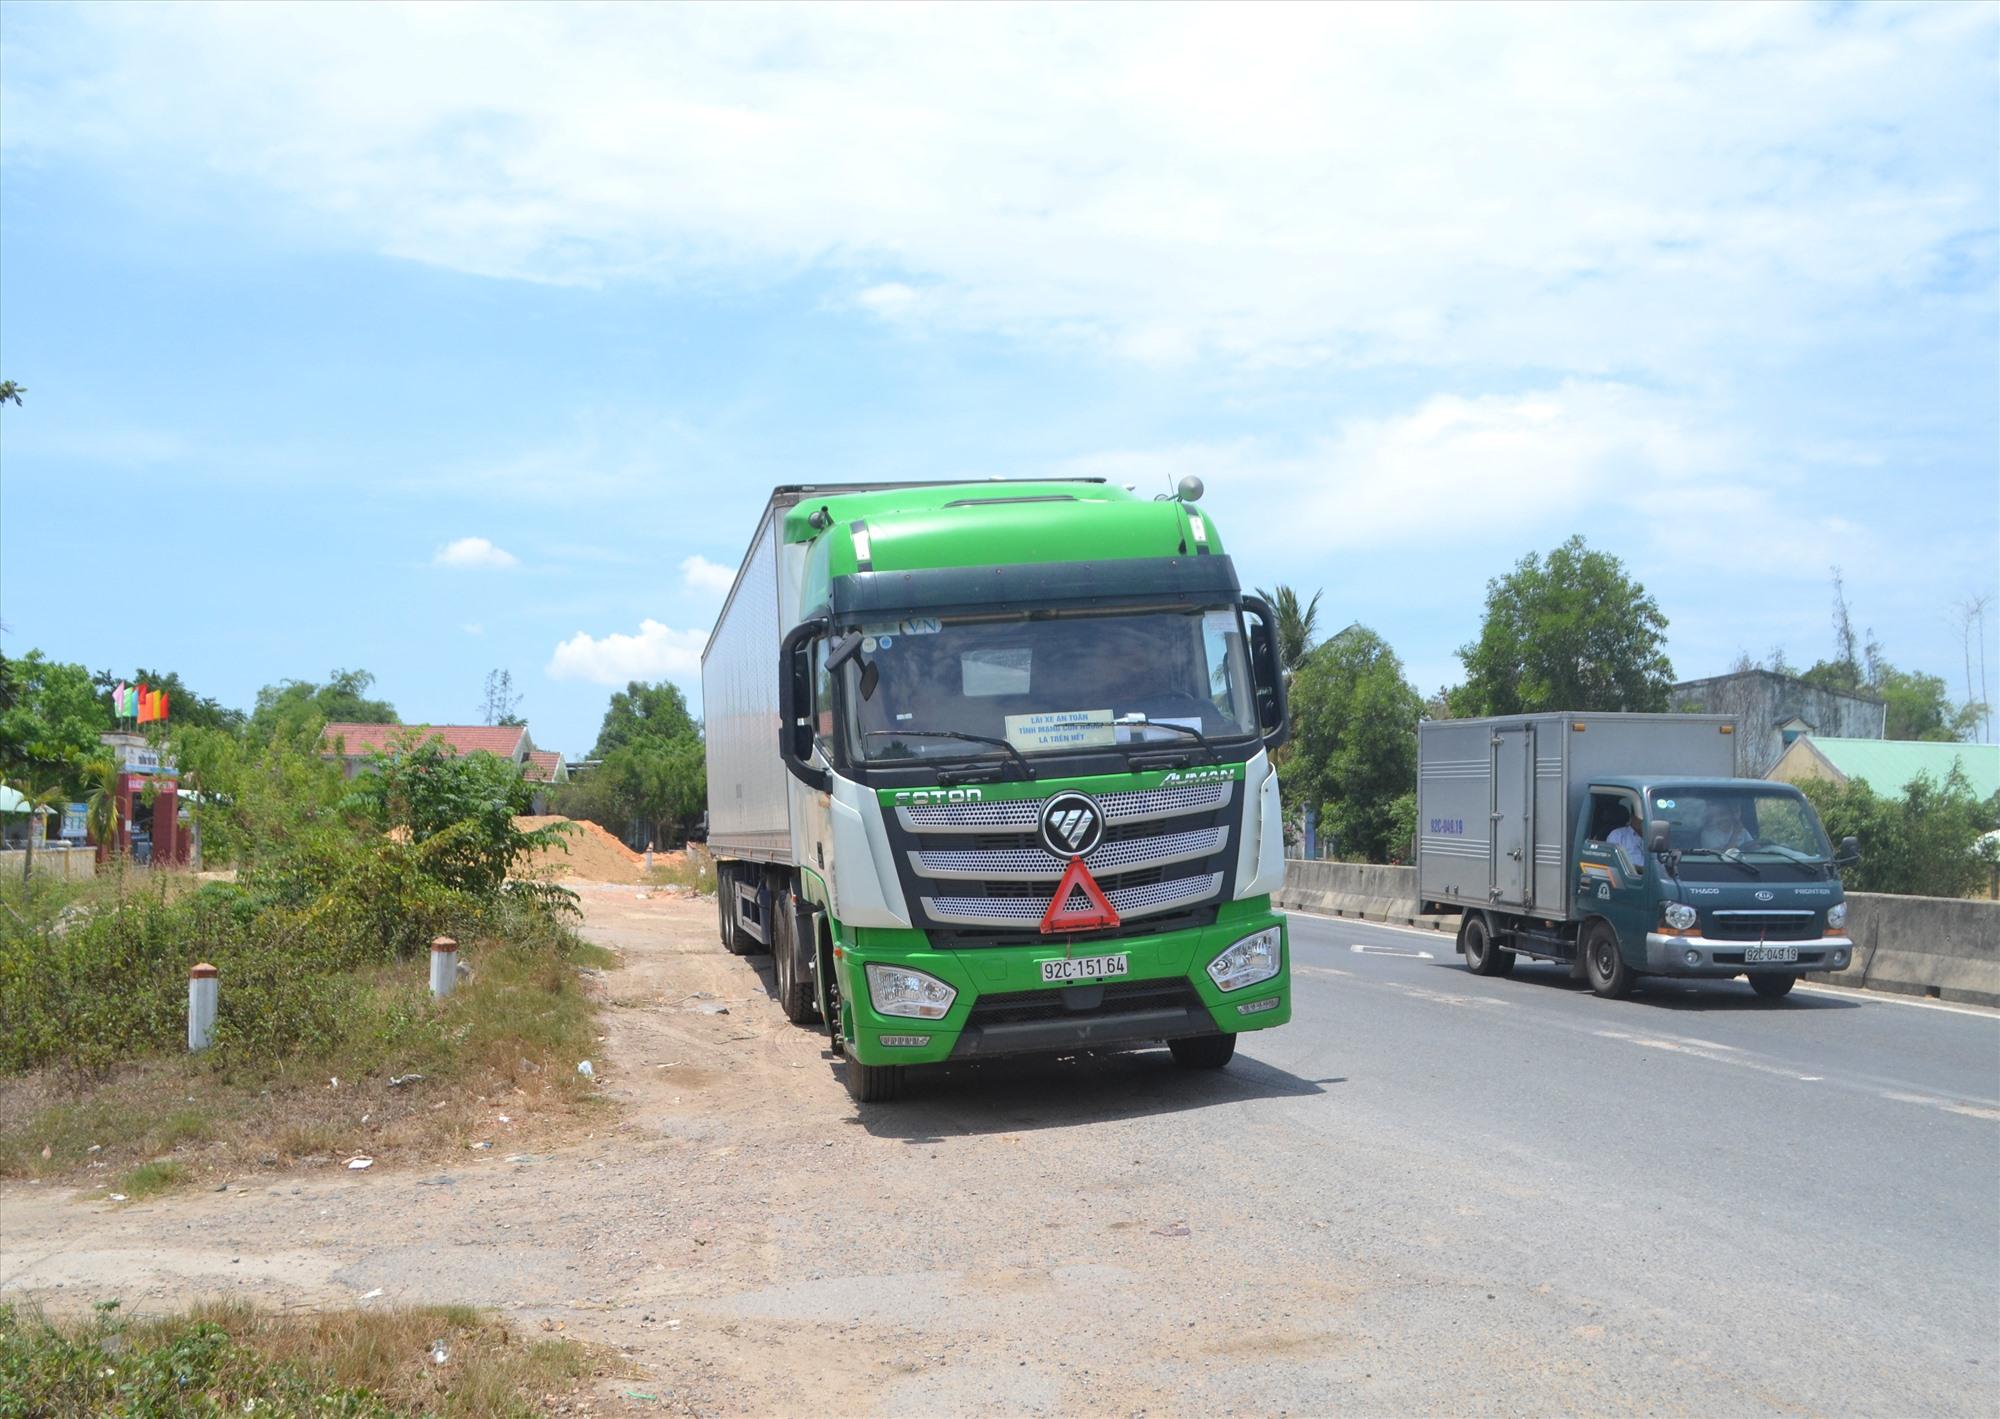 Xe đậu đỗ lấn chiếm lòng đường trên quốc lộ 1 qua xã Bình Tú (Thăng Bình). Ảnh: KHẢI KHIÊM